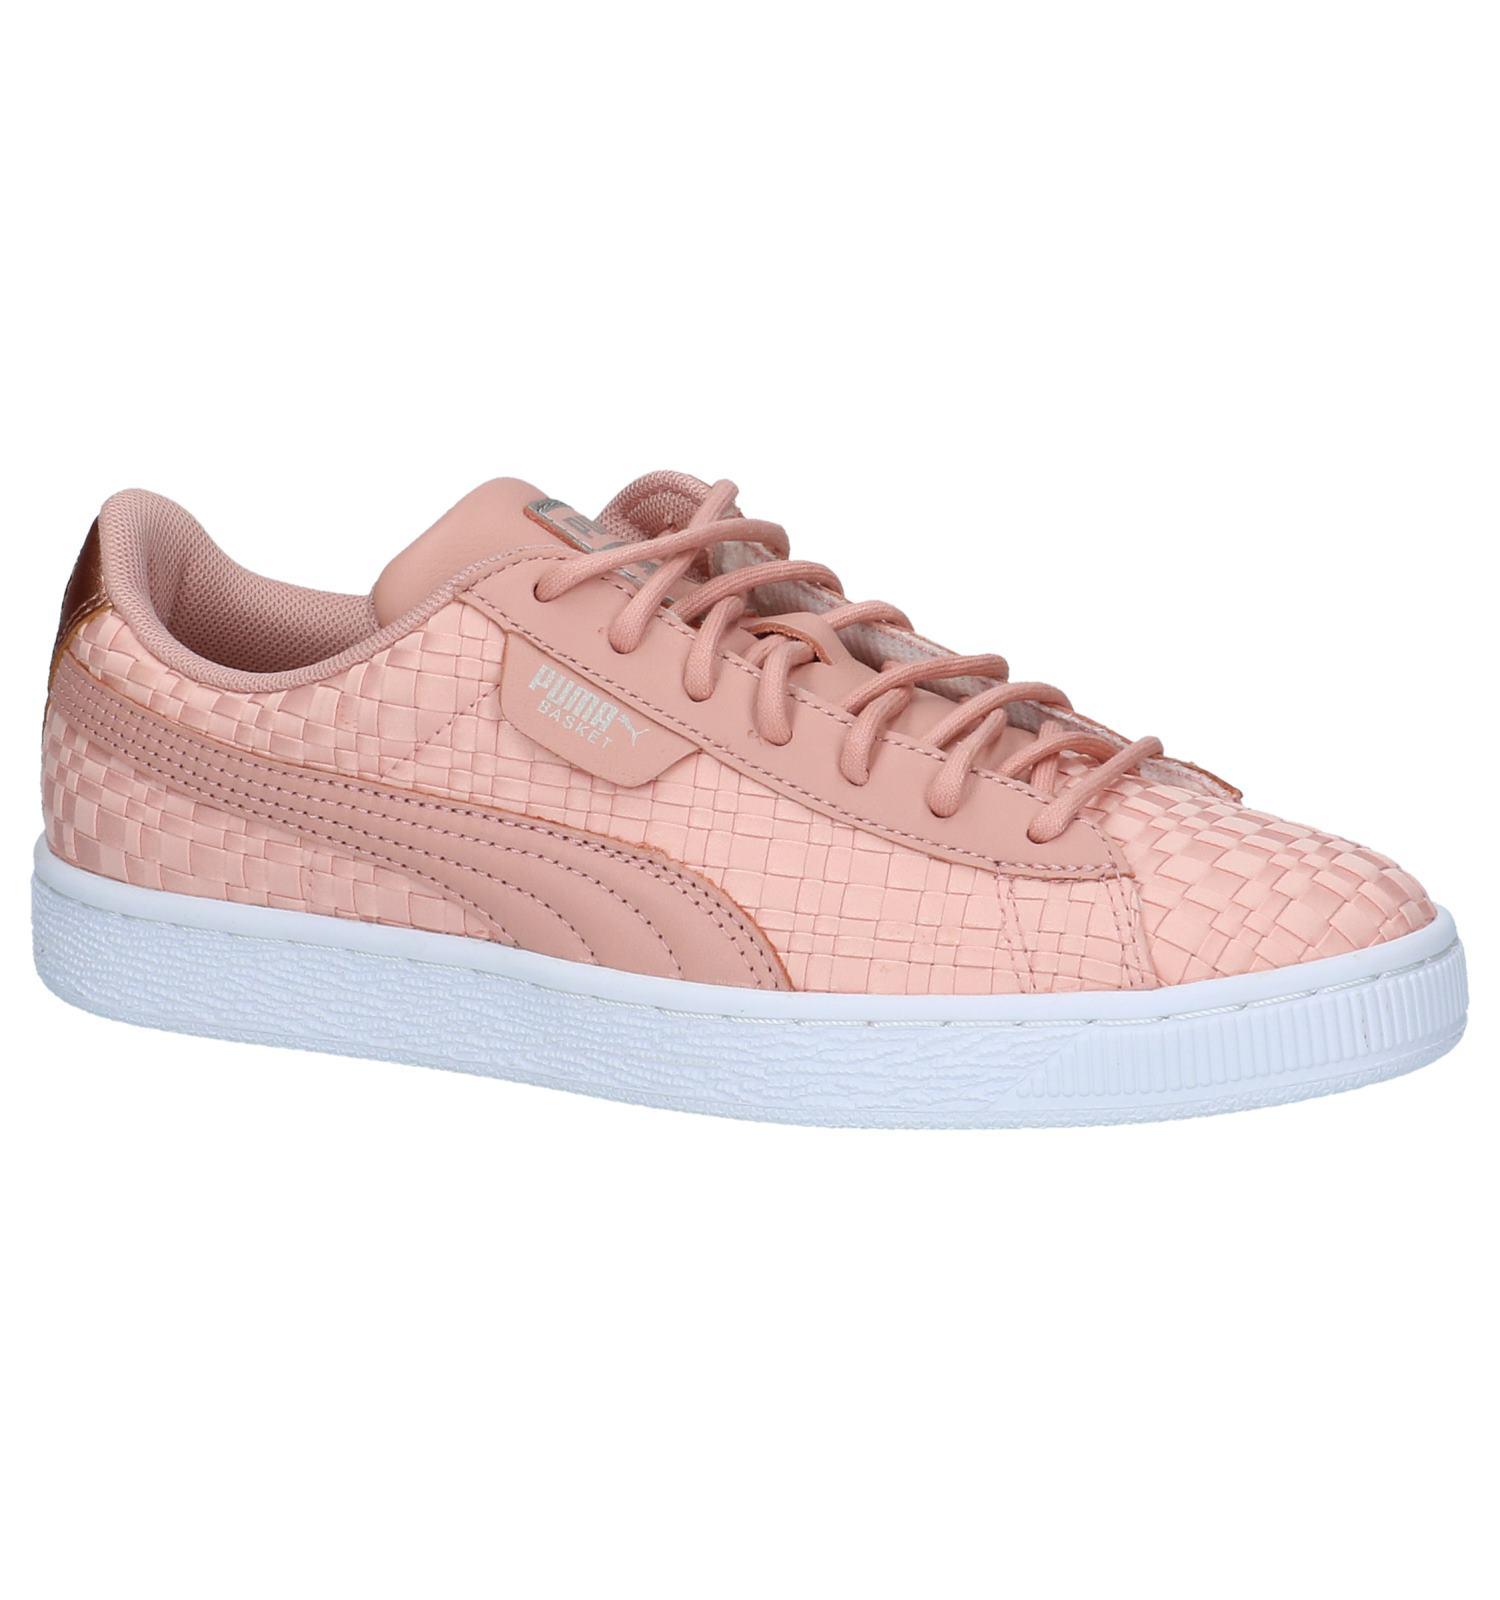 391b1cfaa37 Roze Gevlochten Sneakers Puma   TORFS.BE   Gratis verzend en retour